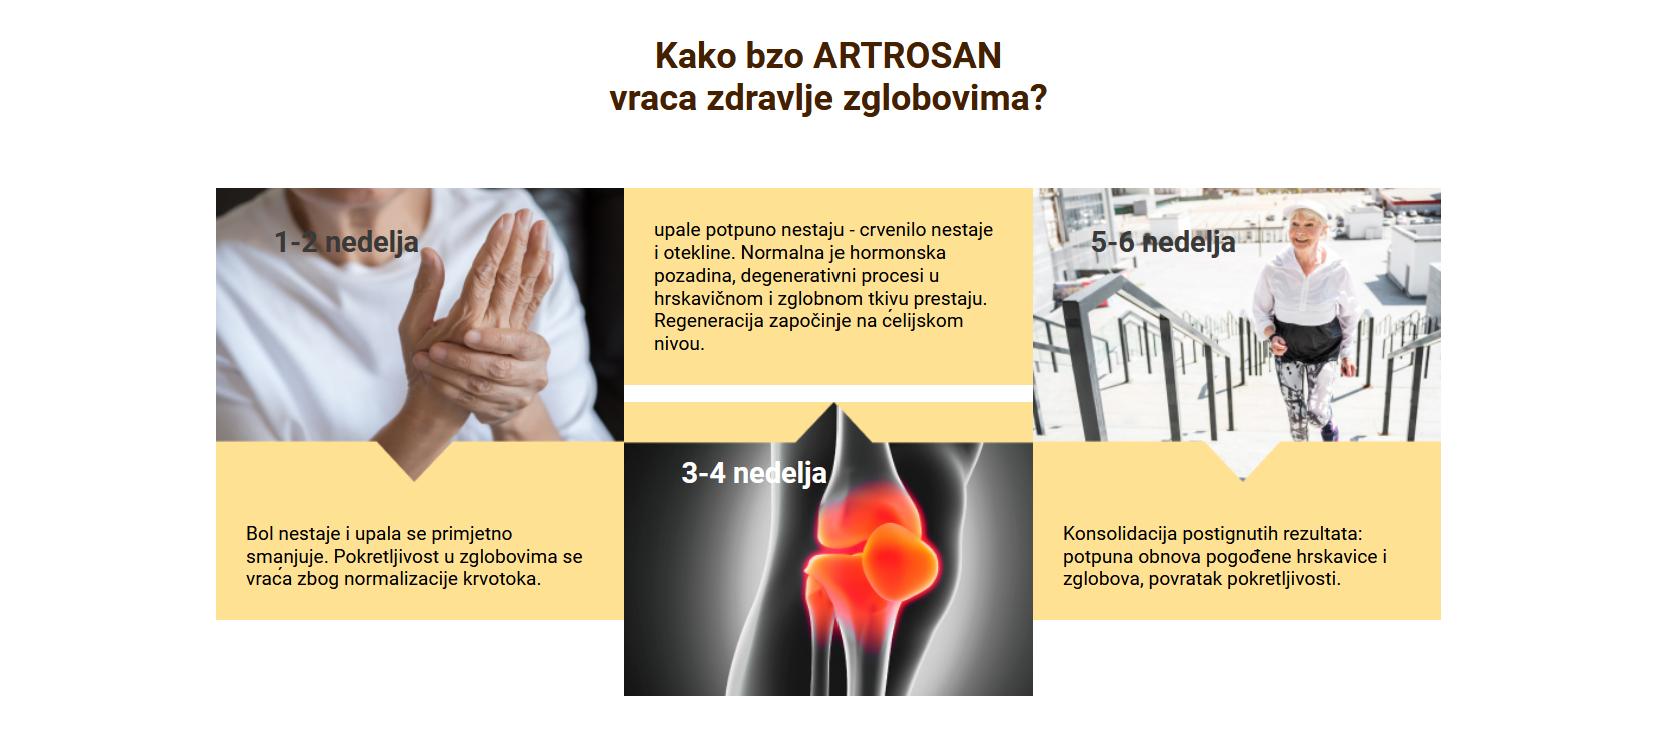 Artrosan